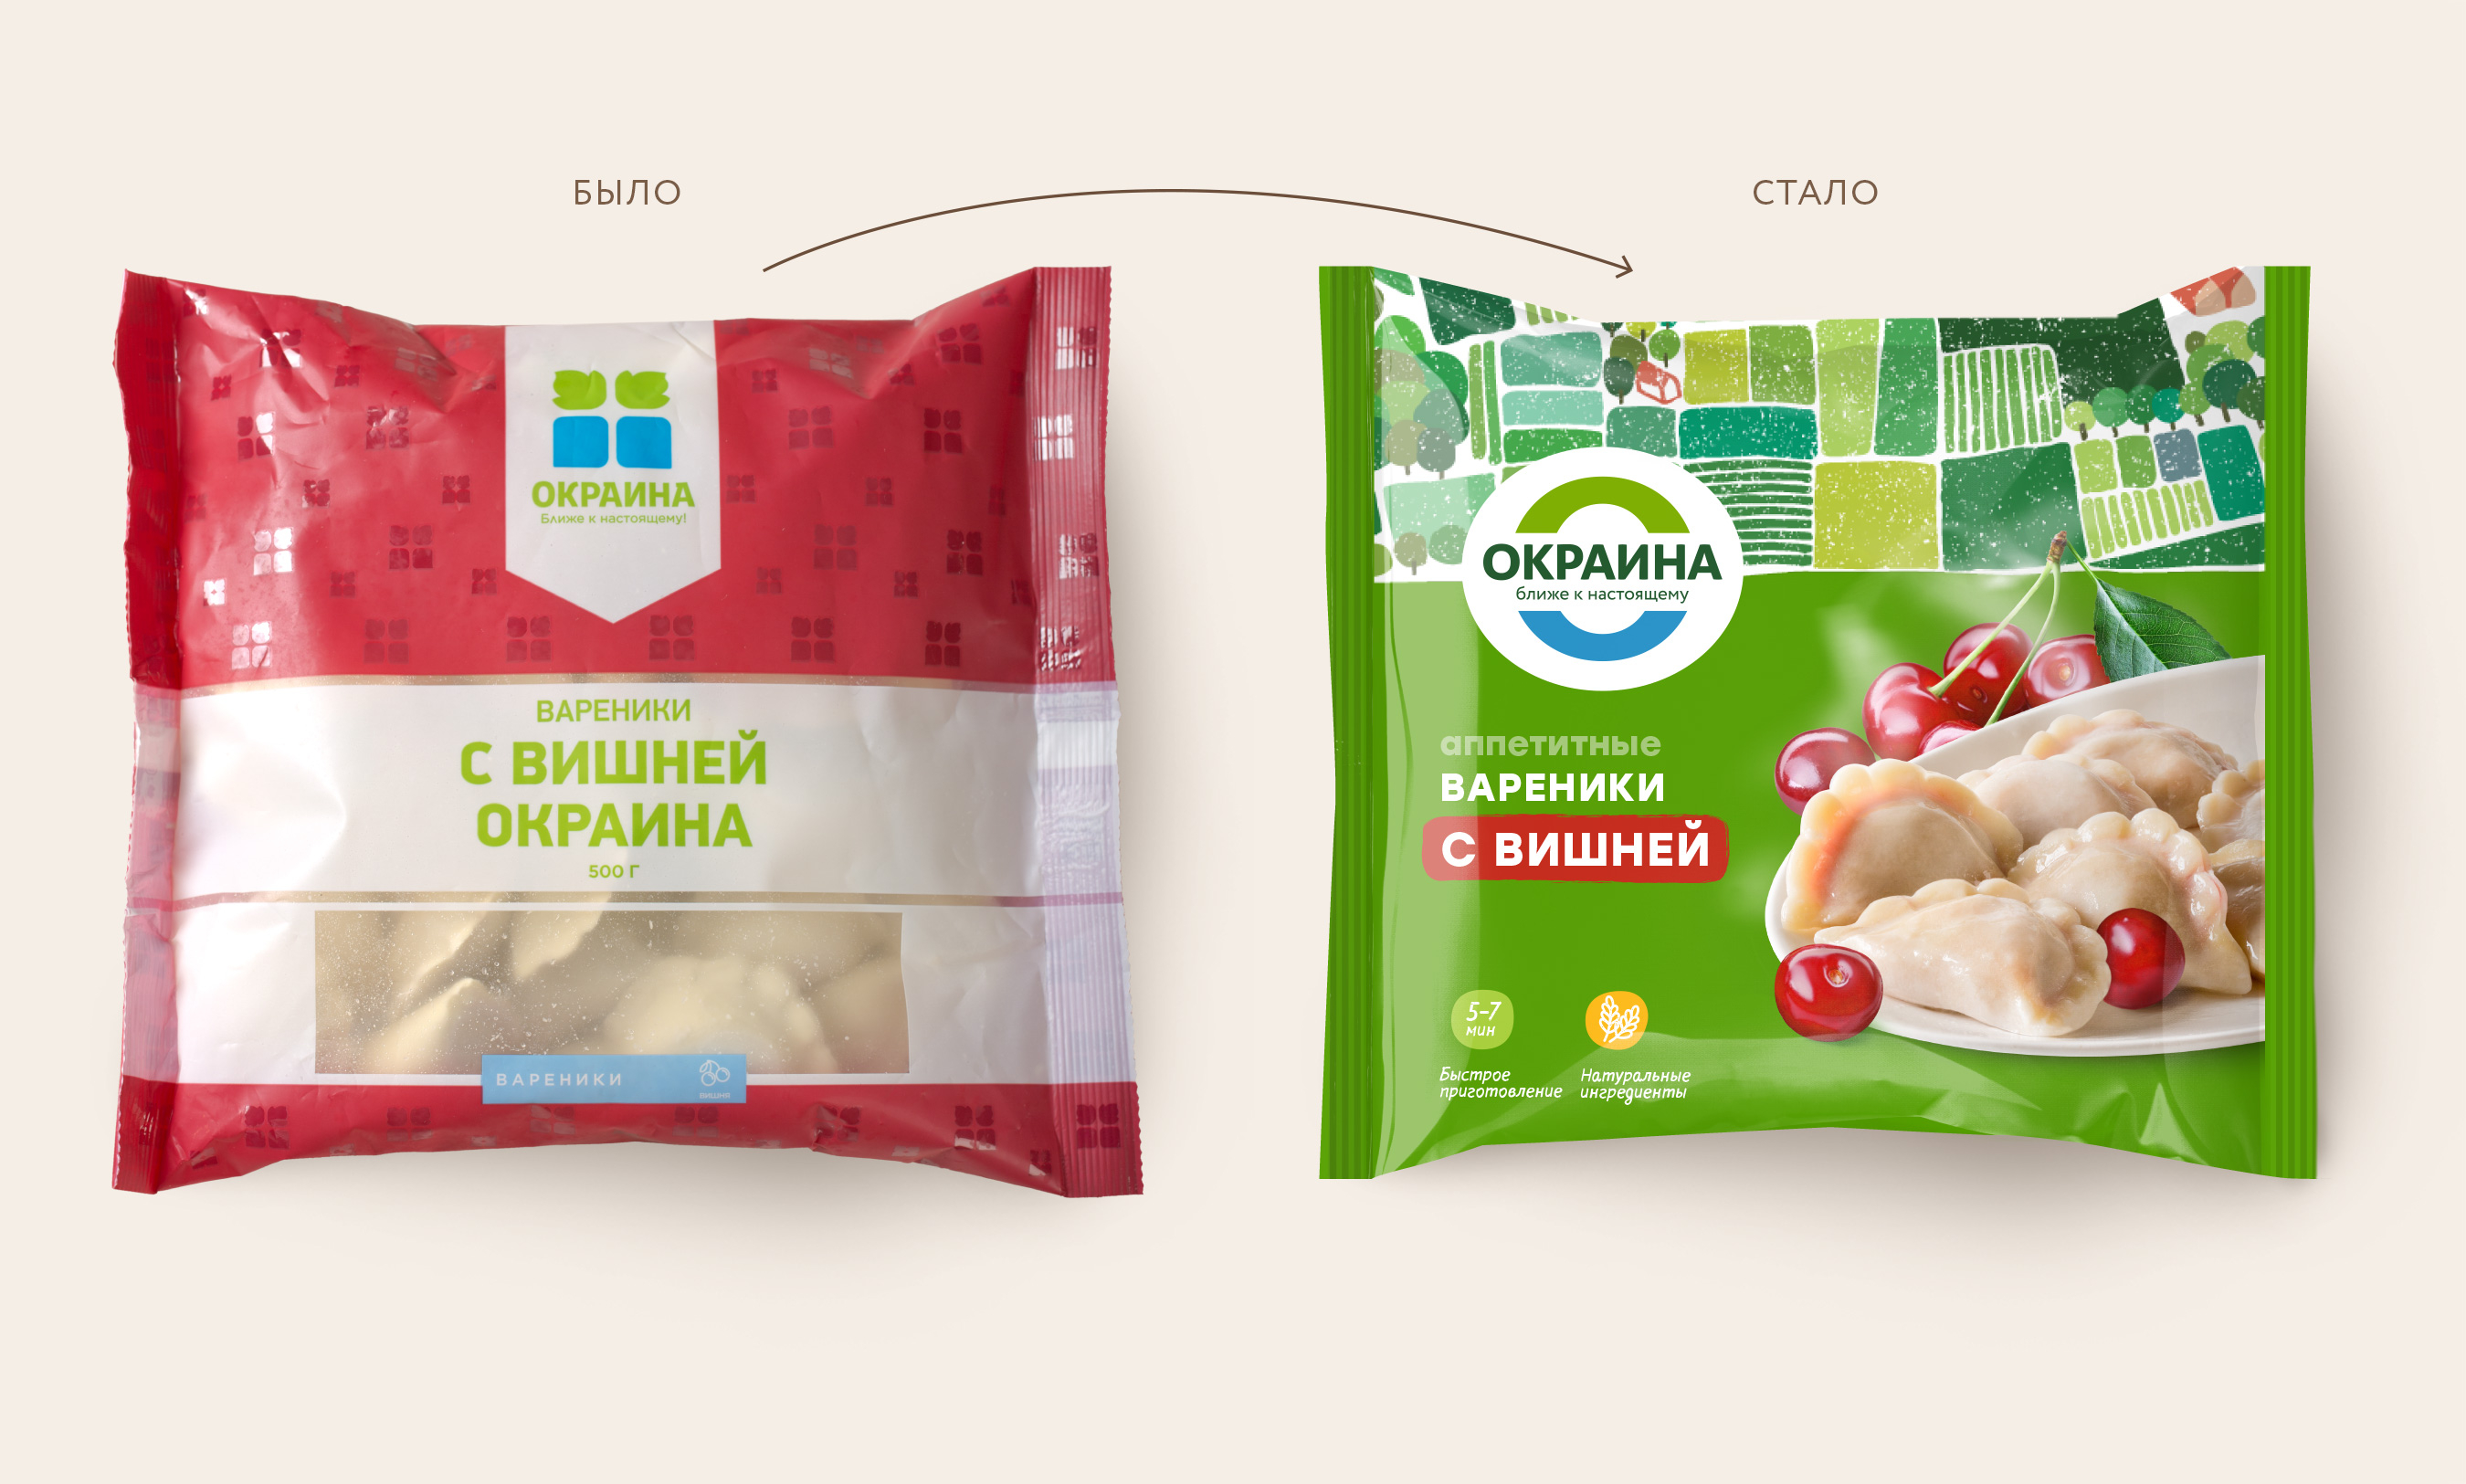 Новый дизайн упаковки для всего ассортимента продукции «Окраина» отличается ярким образом и гастрономическим позиционированием